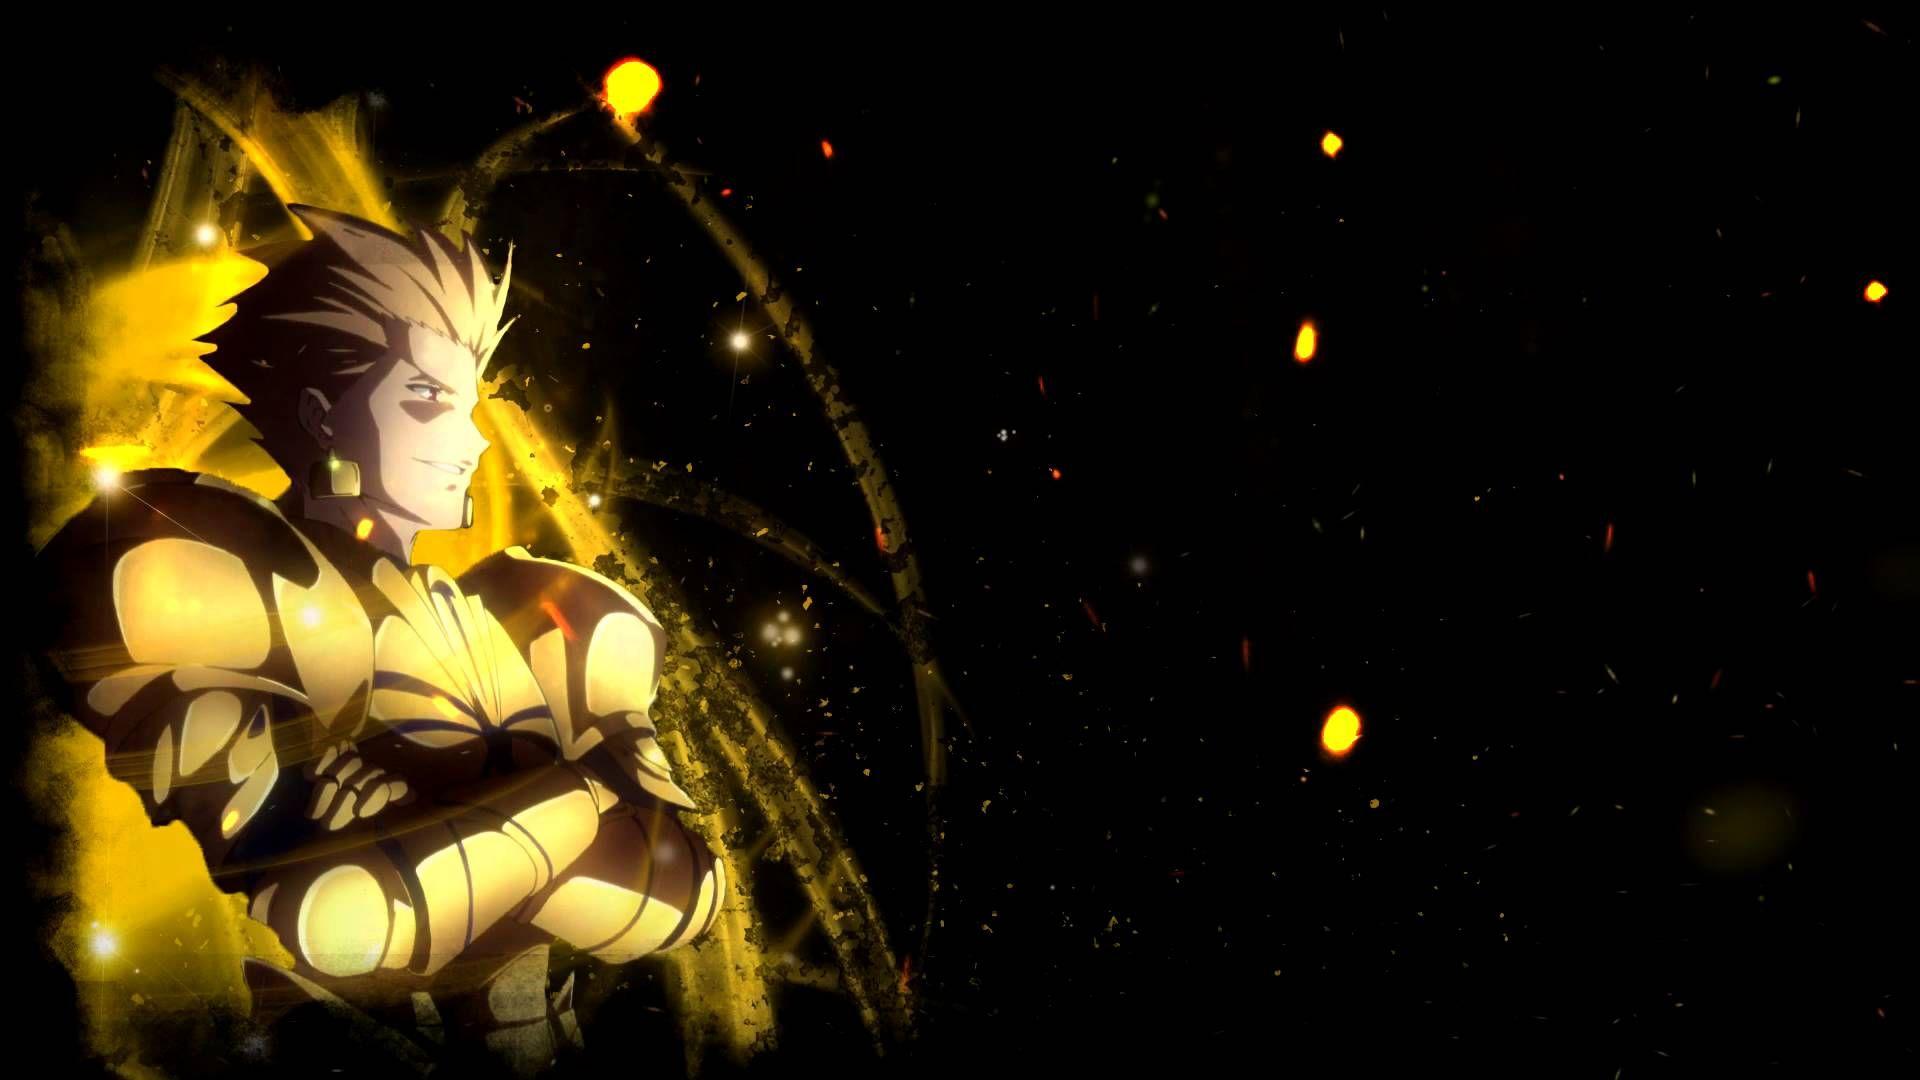 Fate/Zero Back to Zero [フェイト/ゼロ OST] (con imágenes